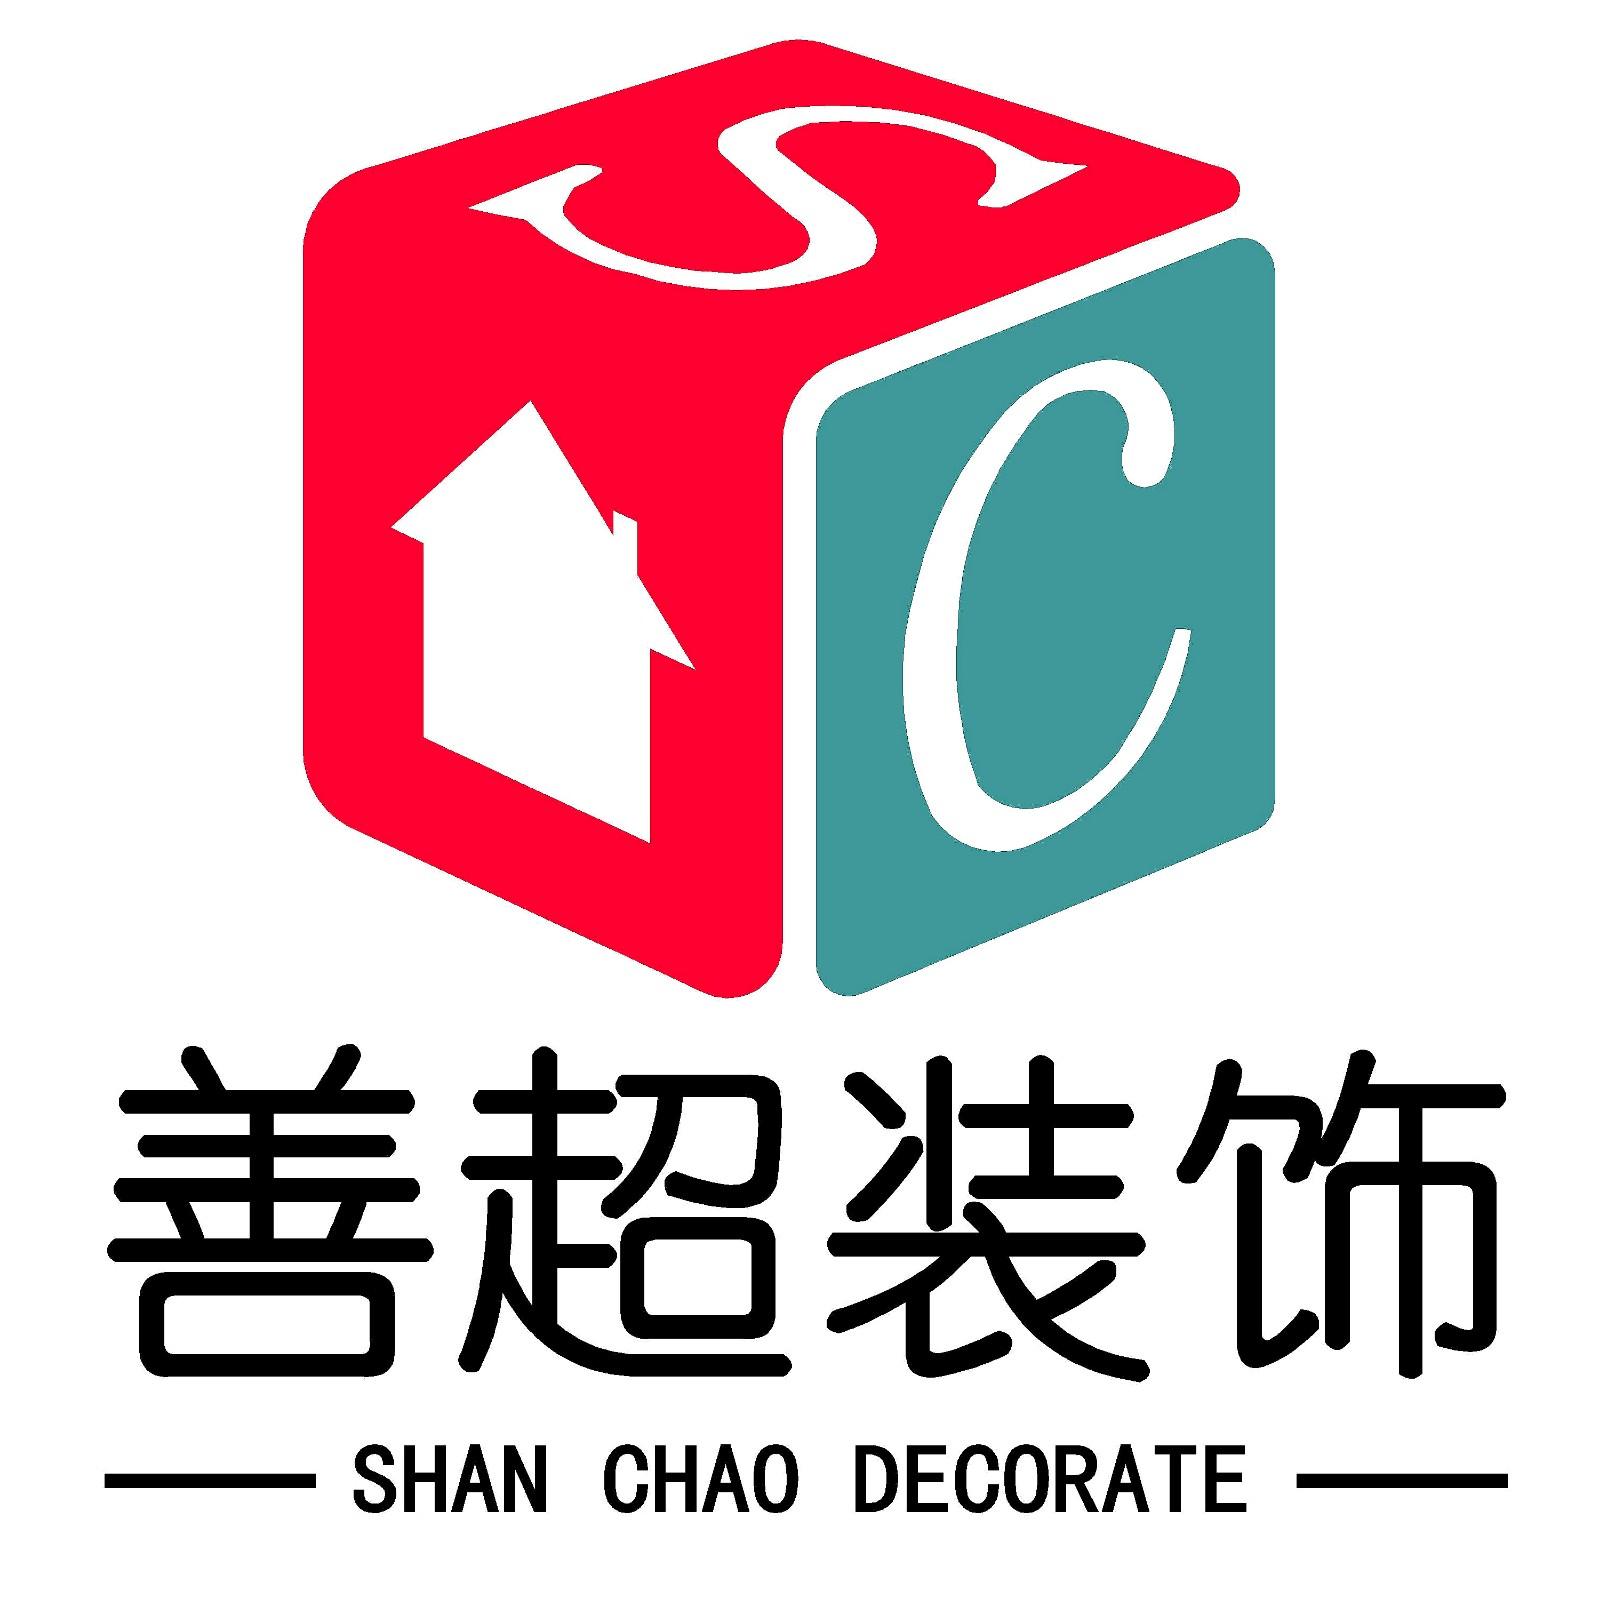 浙江善超建筑装饰工程有限公司 - 嘉兴装修公司